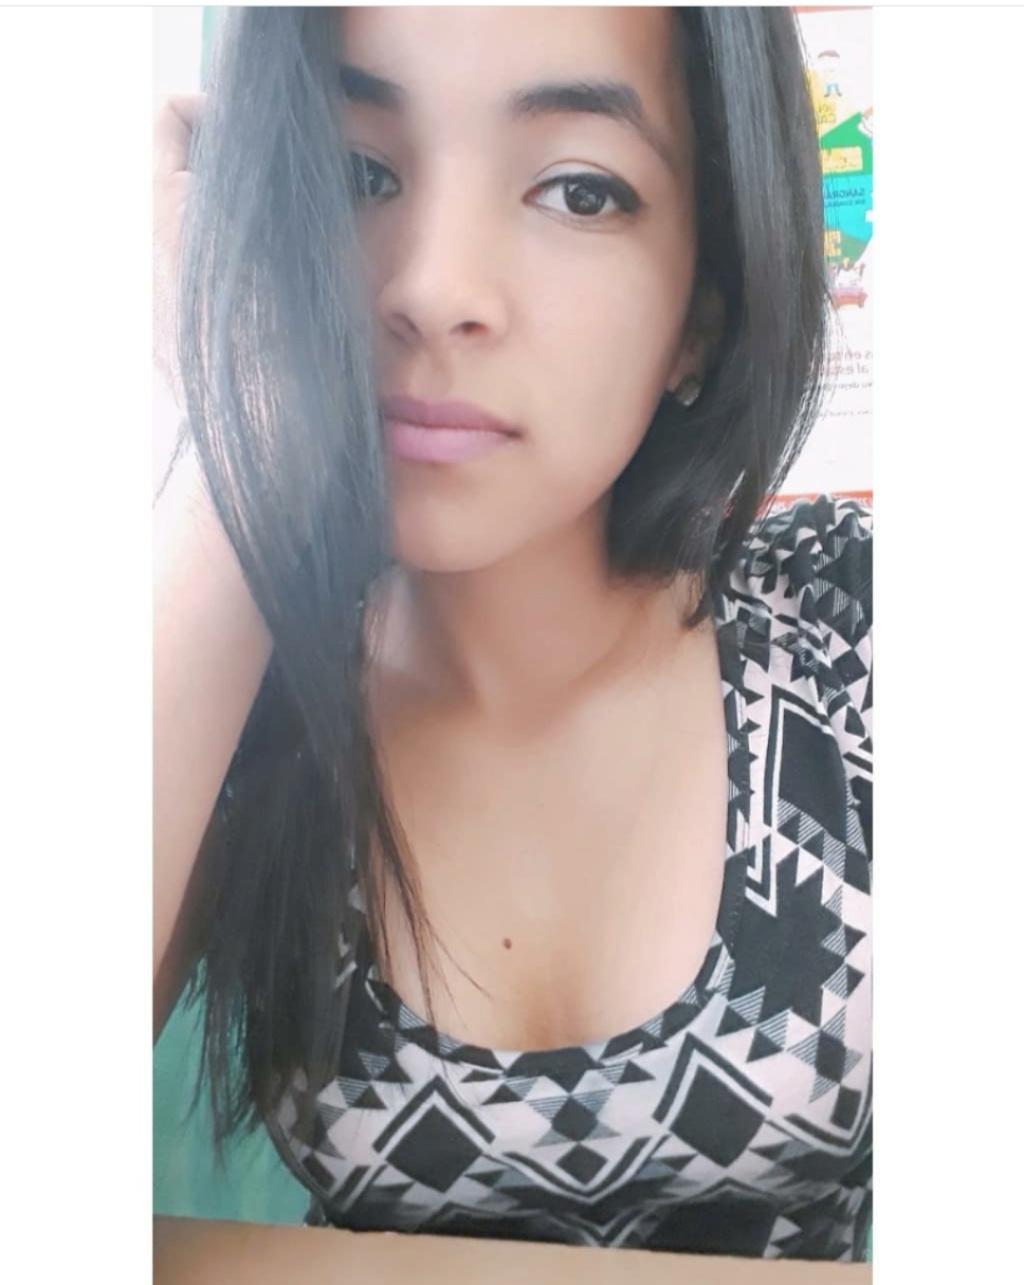 DEBATE sobre belleza, guapura y hermosura (fotos de chicas latinas, mestizas, y de todo) - VOL II - Página 4 Img_2030